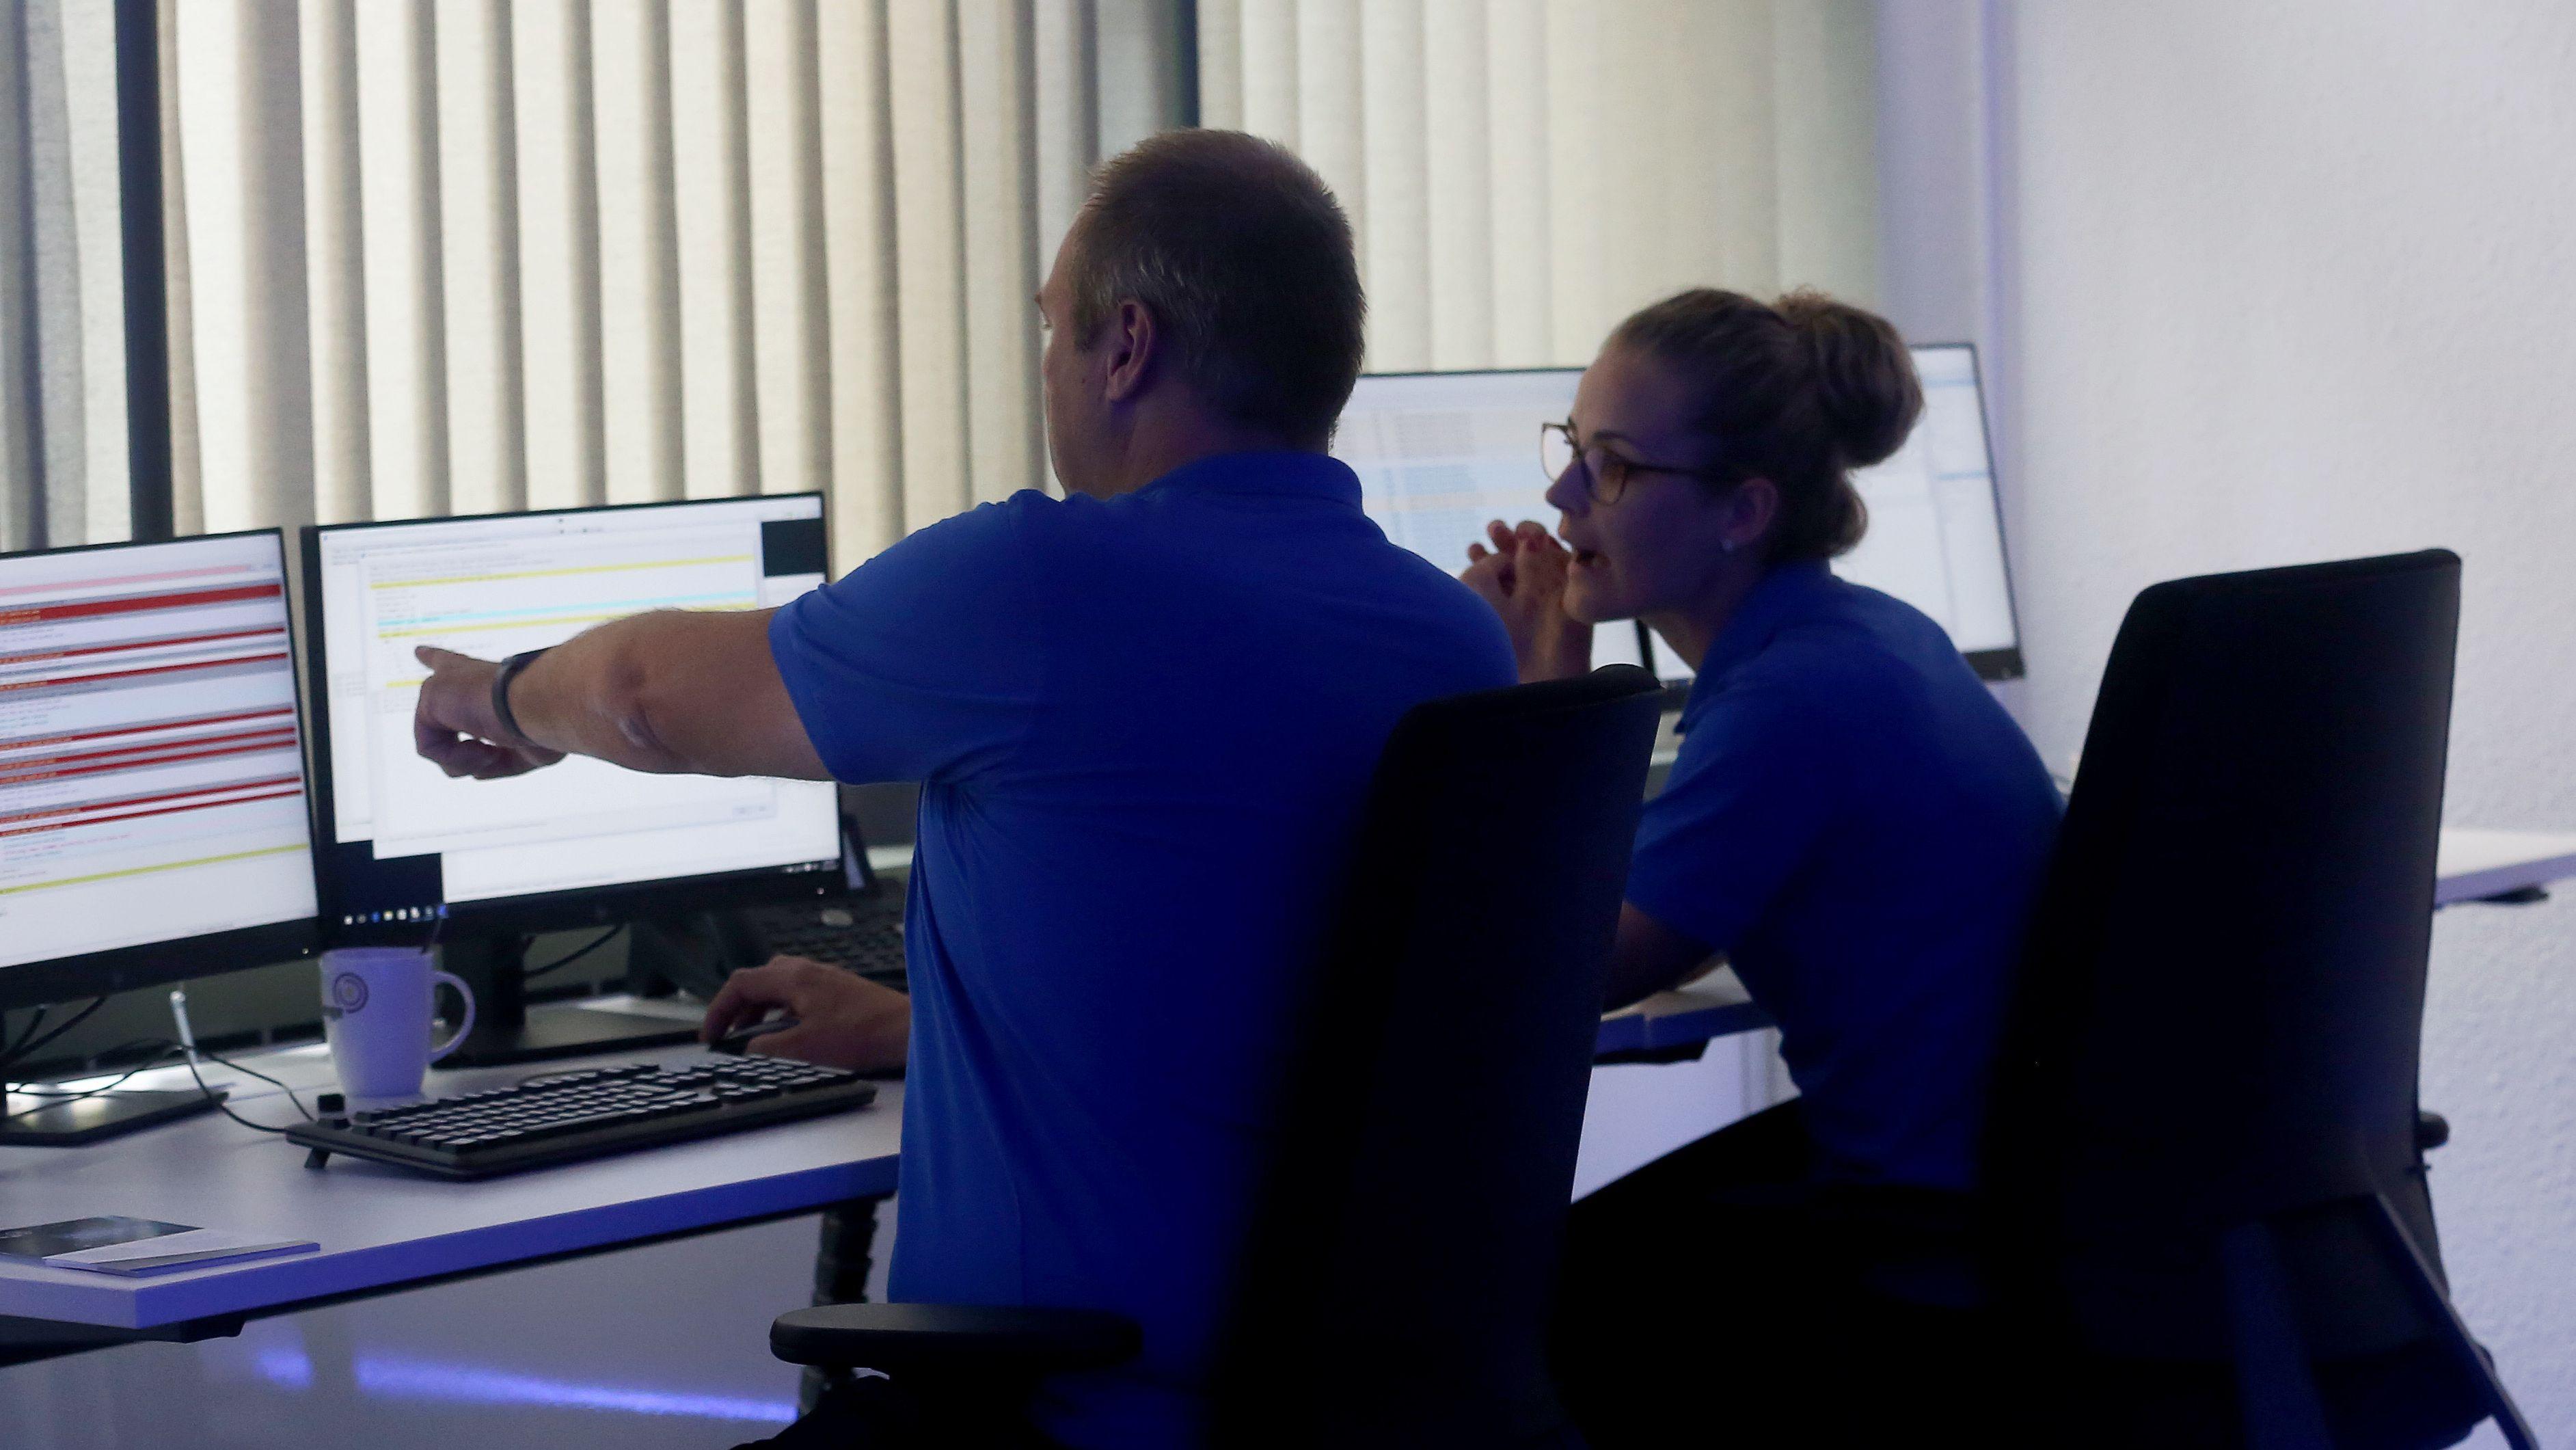 Cyberangriffe häufen sich